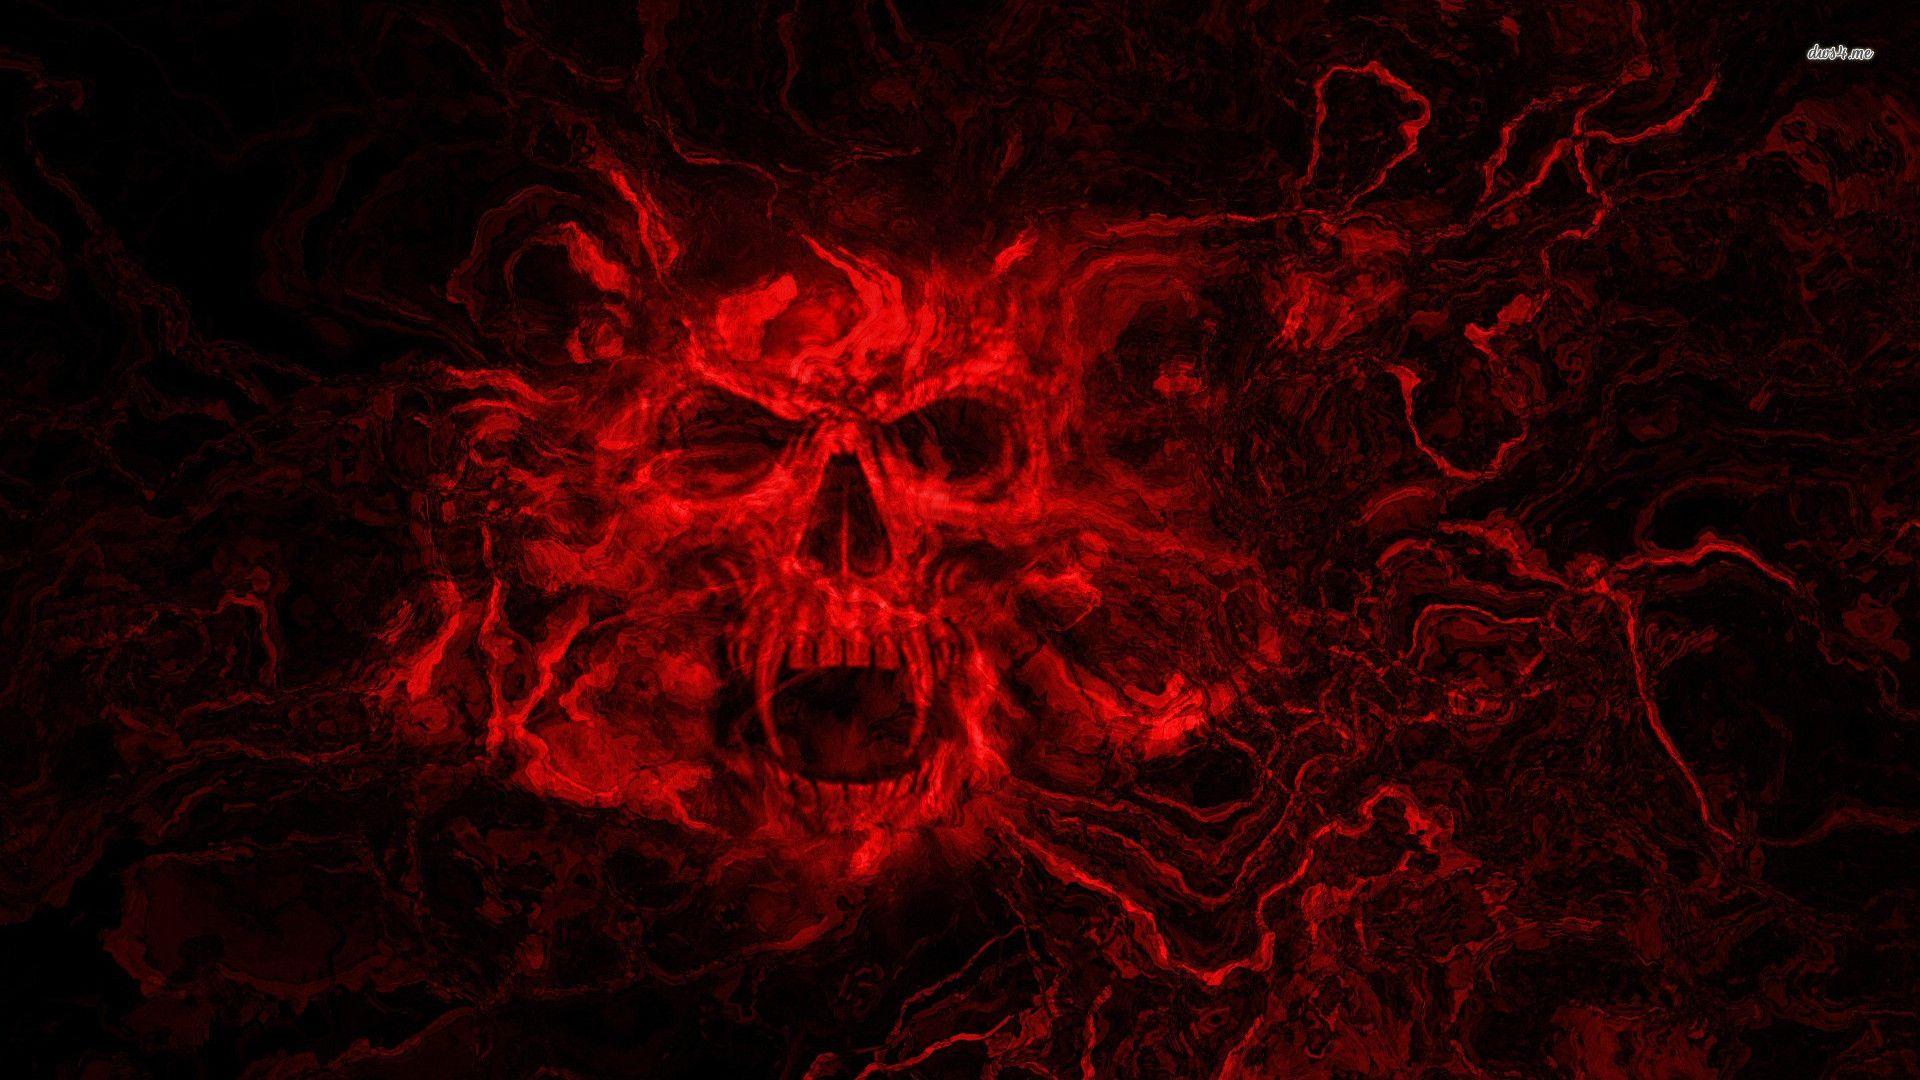 blue fantasy alien women Red skull wallpaper Skulls